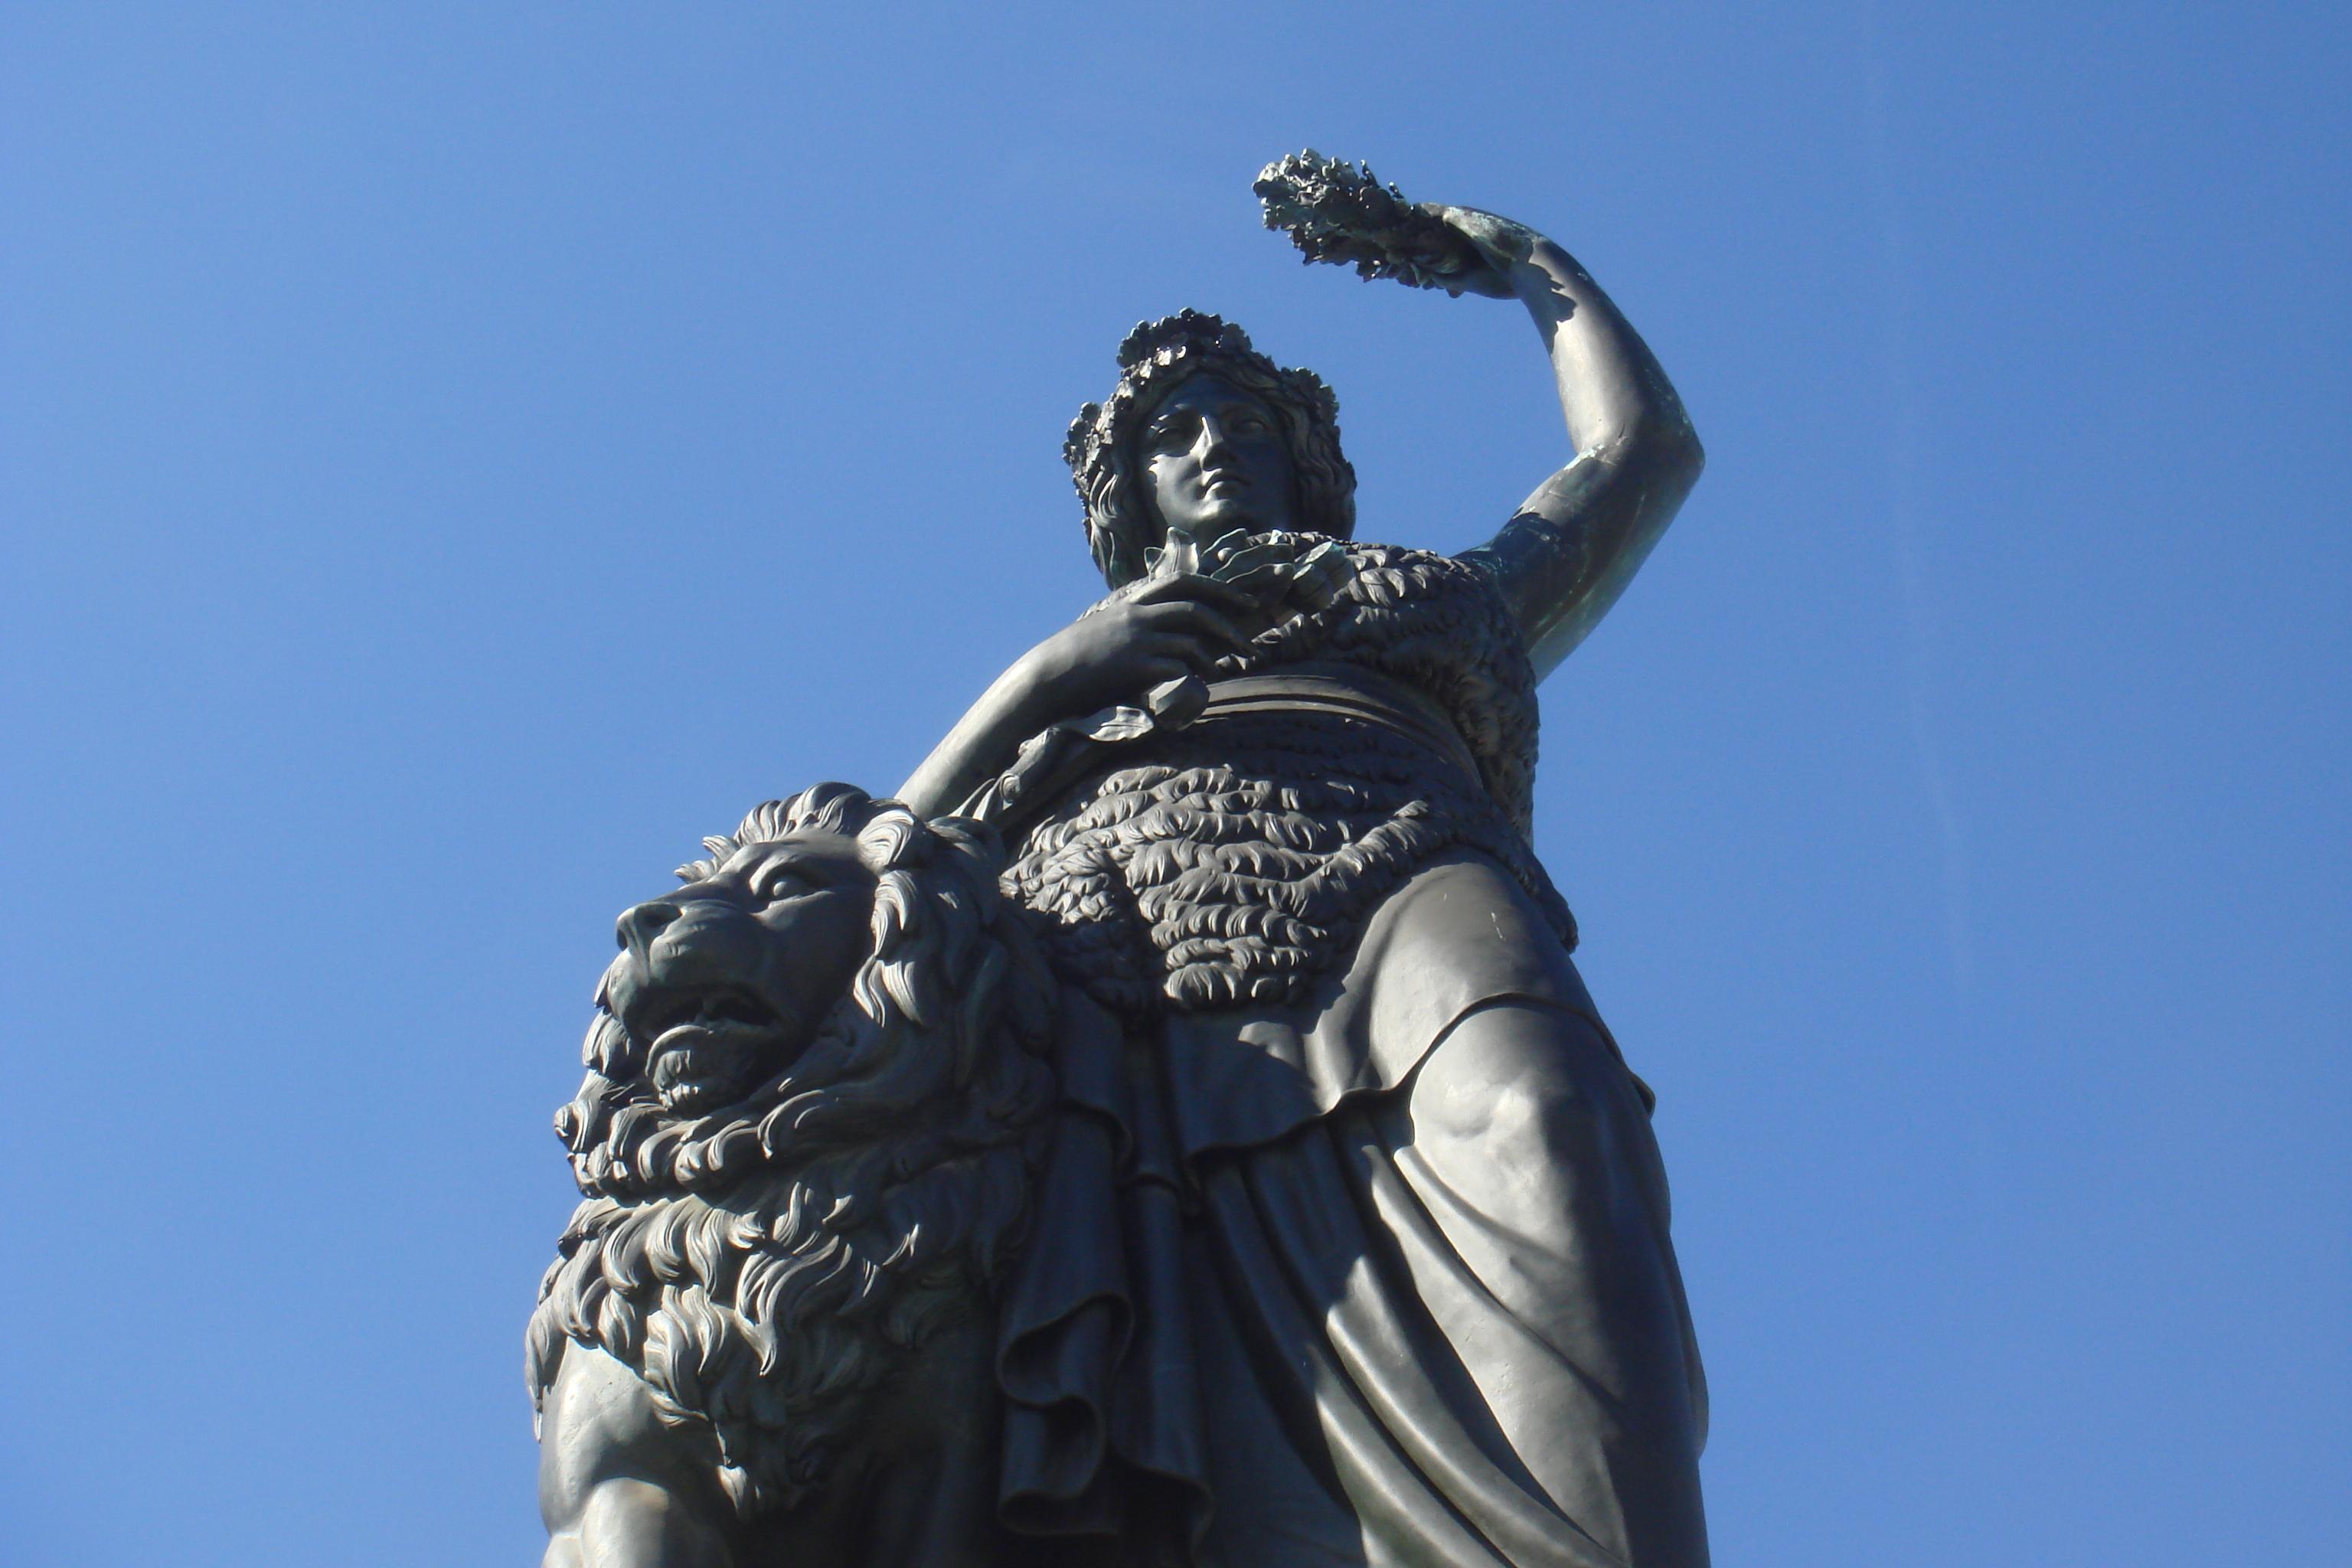 Bavaria Statue von unten unter blauem Himmel